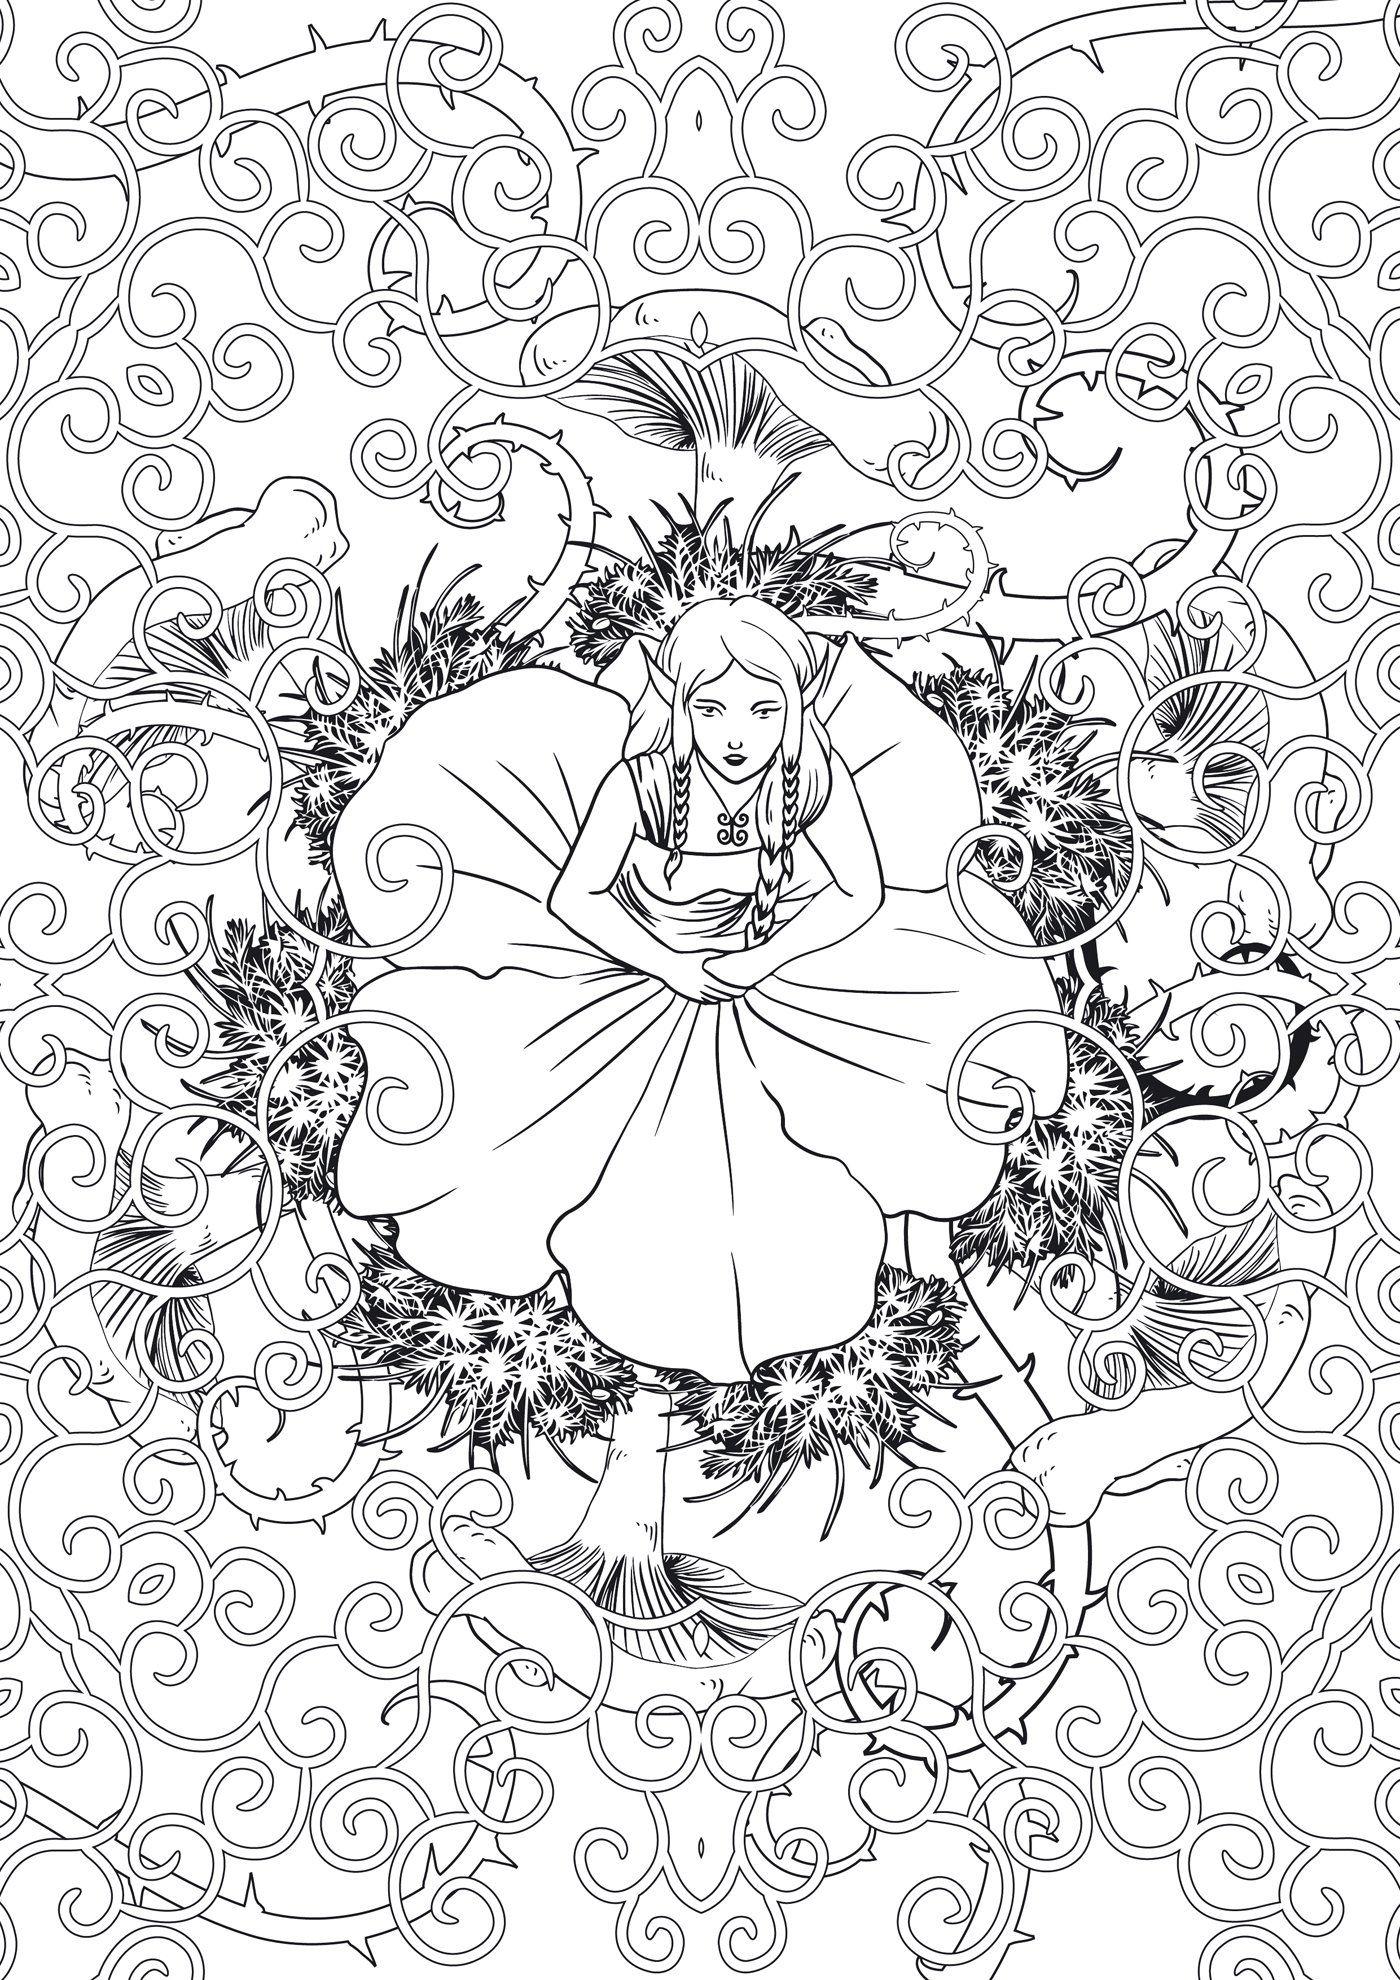 amazonfr forts feriques 100 coloriages anti stress marthe mulkey - Livre De Coloriage Anti Stress